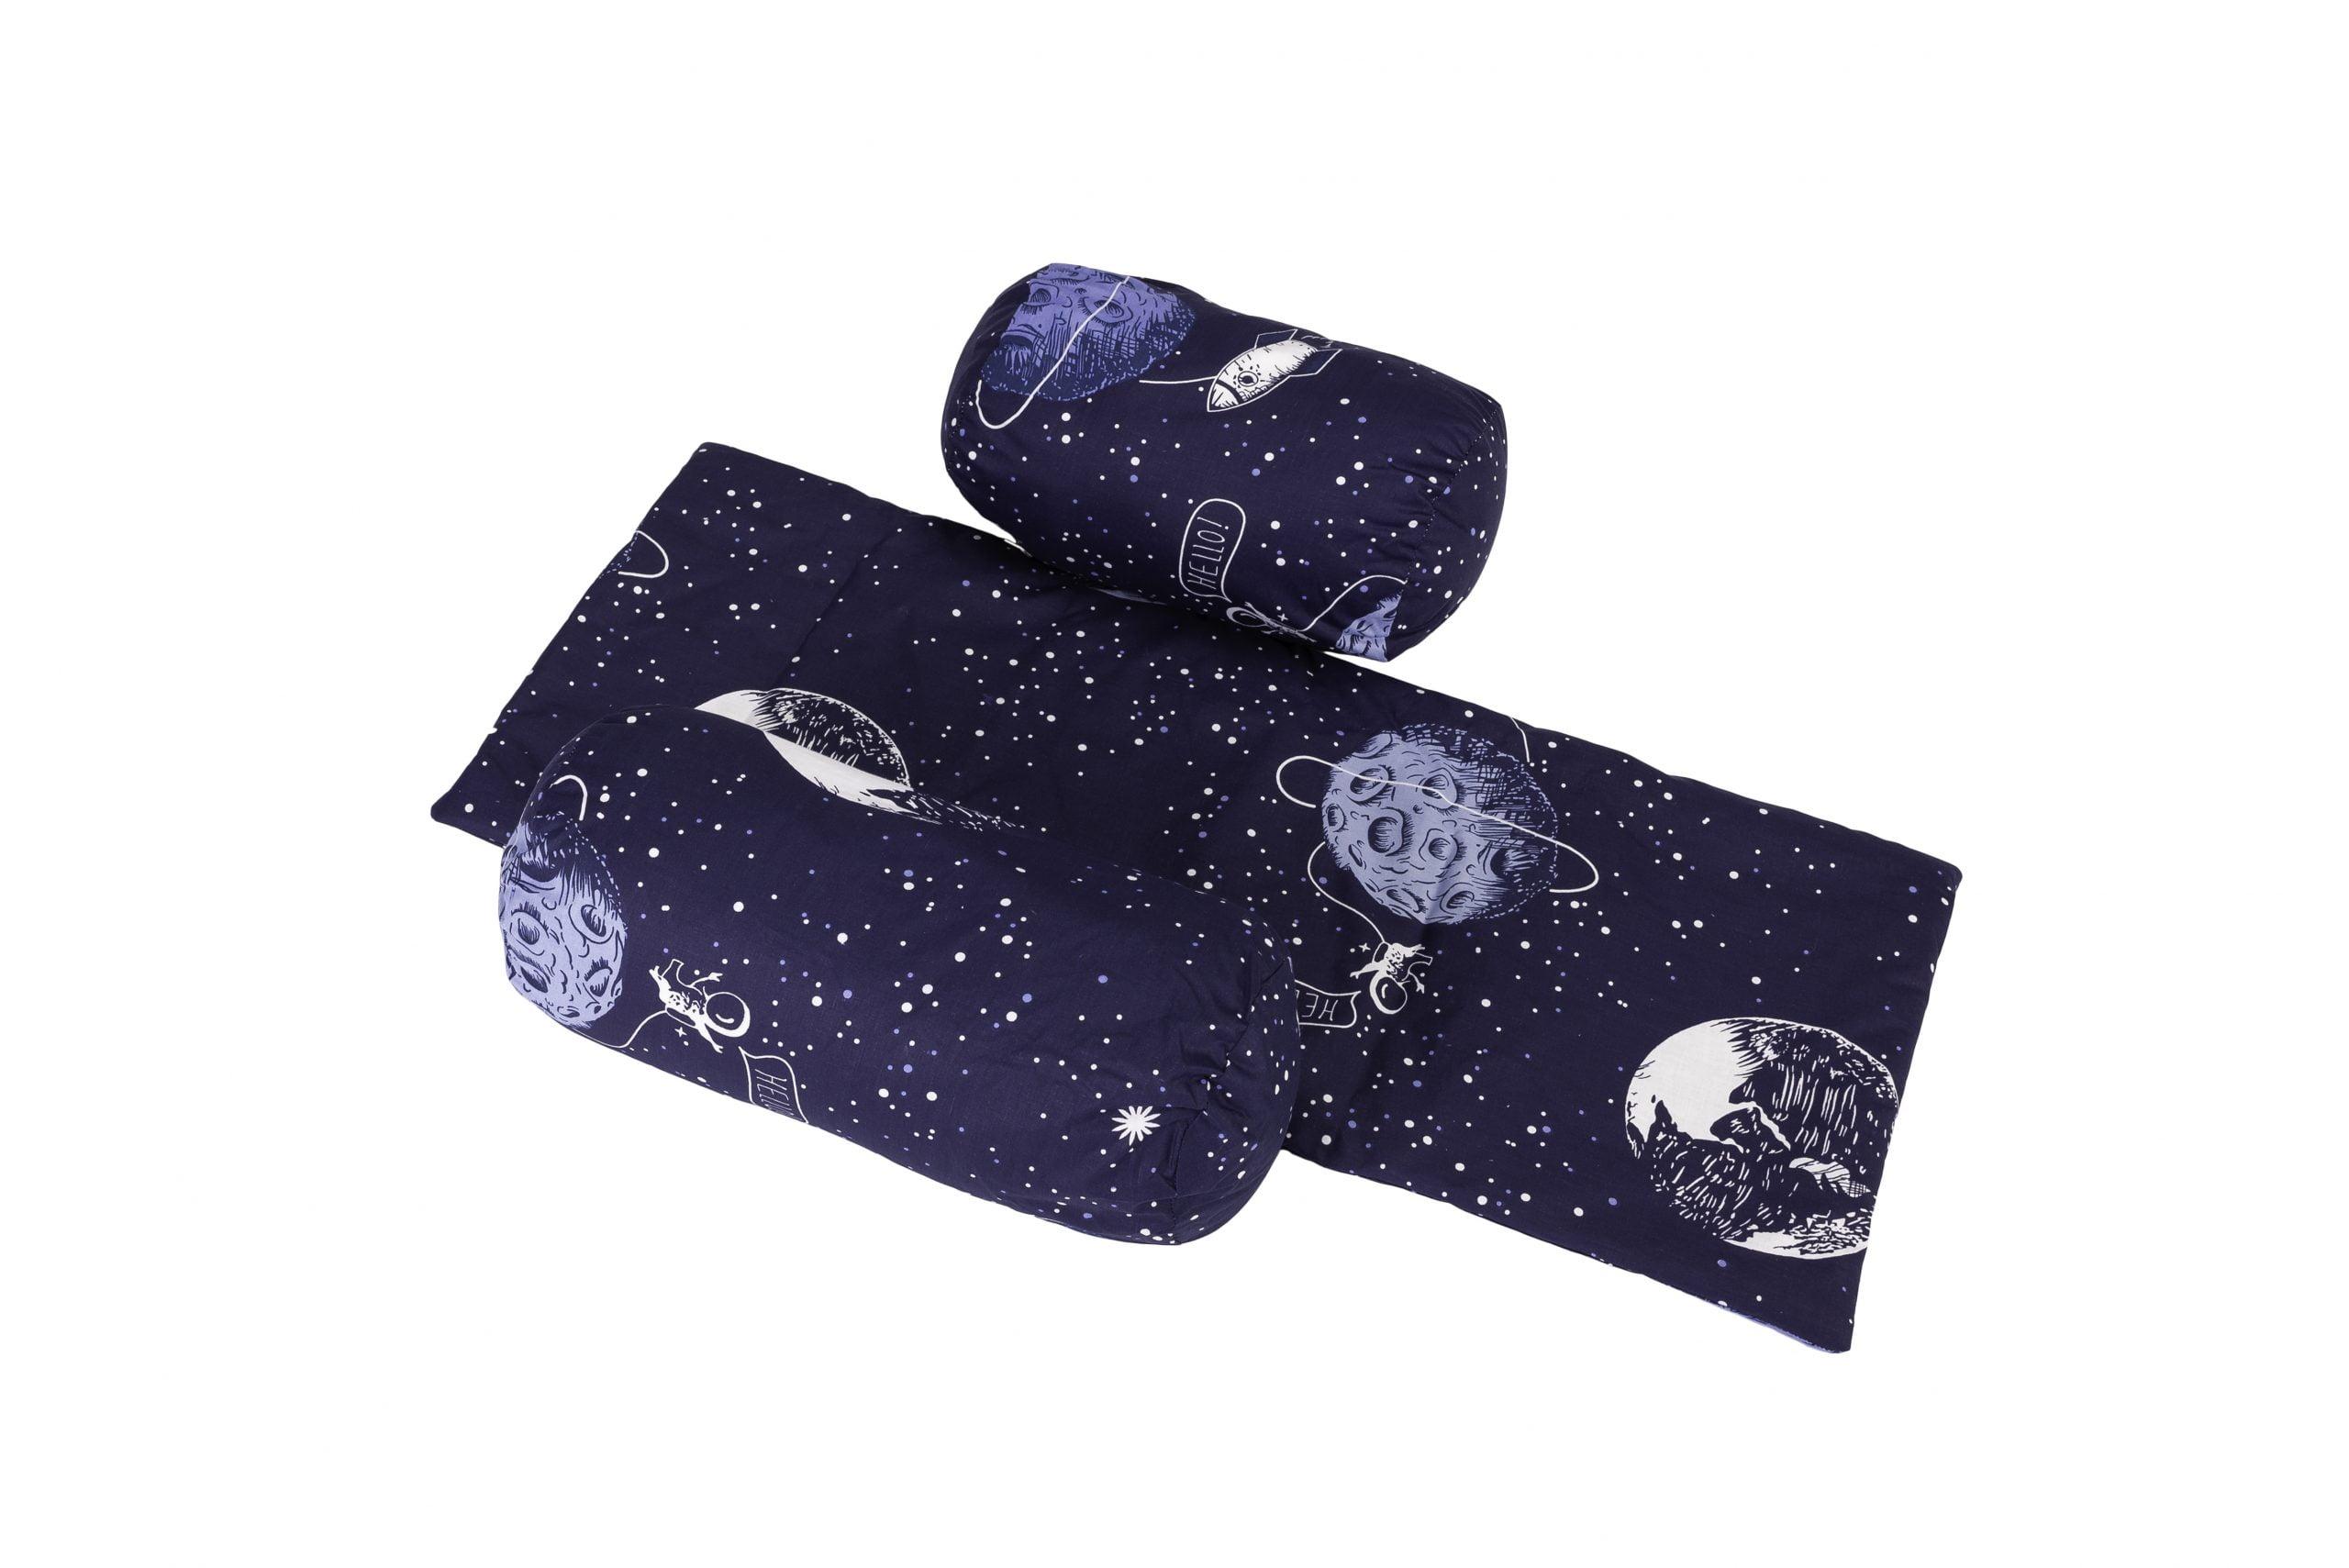 Suport de siguranta cu paturica impermeabila pentru bebelusi model Cosmos imagine 2021 somnart.ro